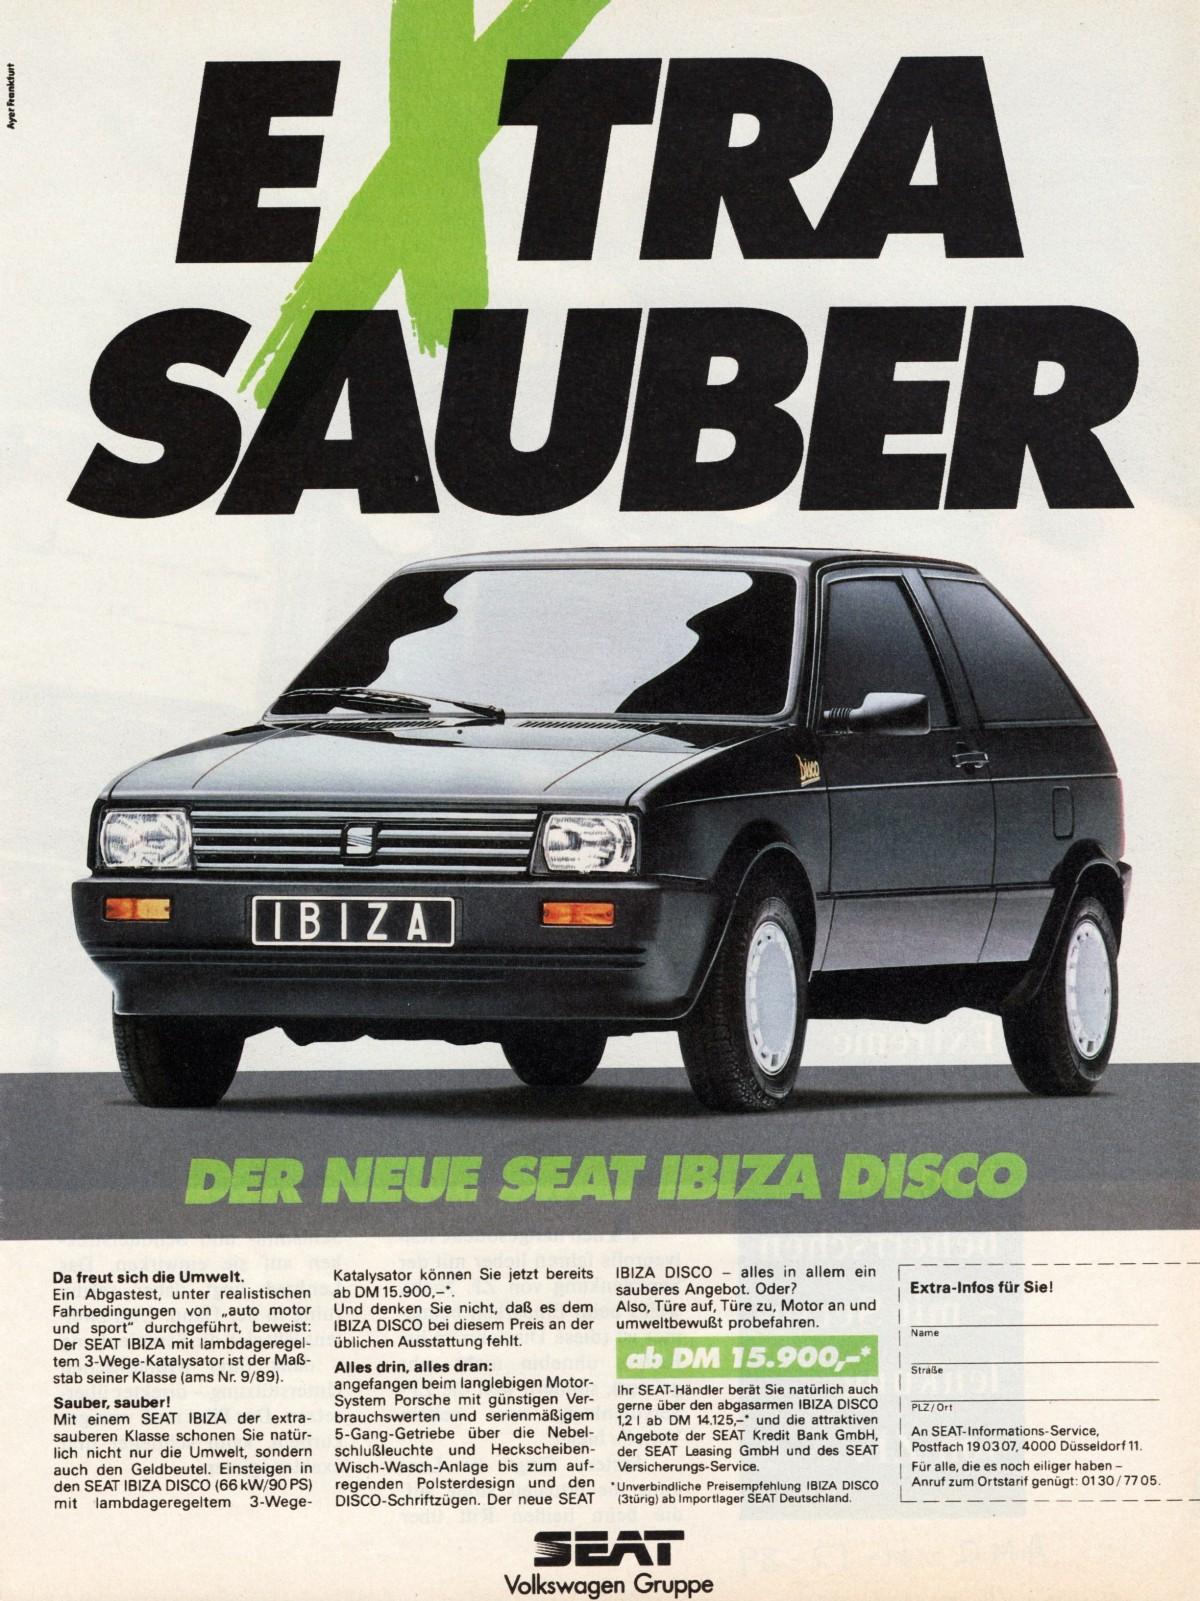 1990 Seat Ibiza Disco Coches Clasicos Anuncios De Coches Y Autos